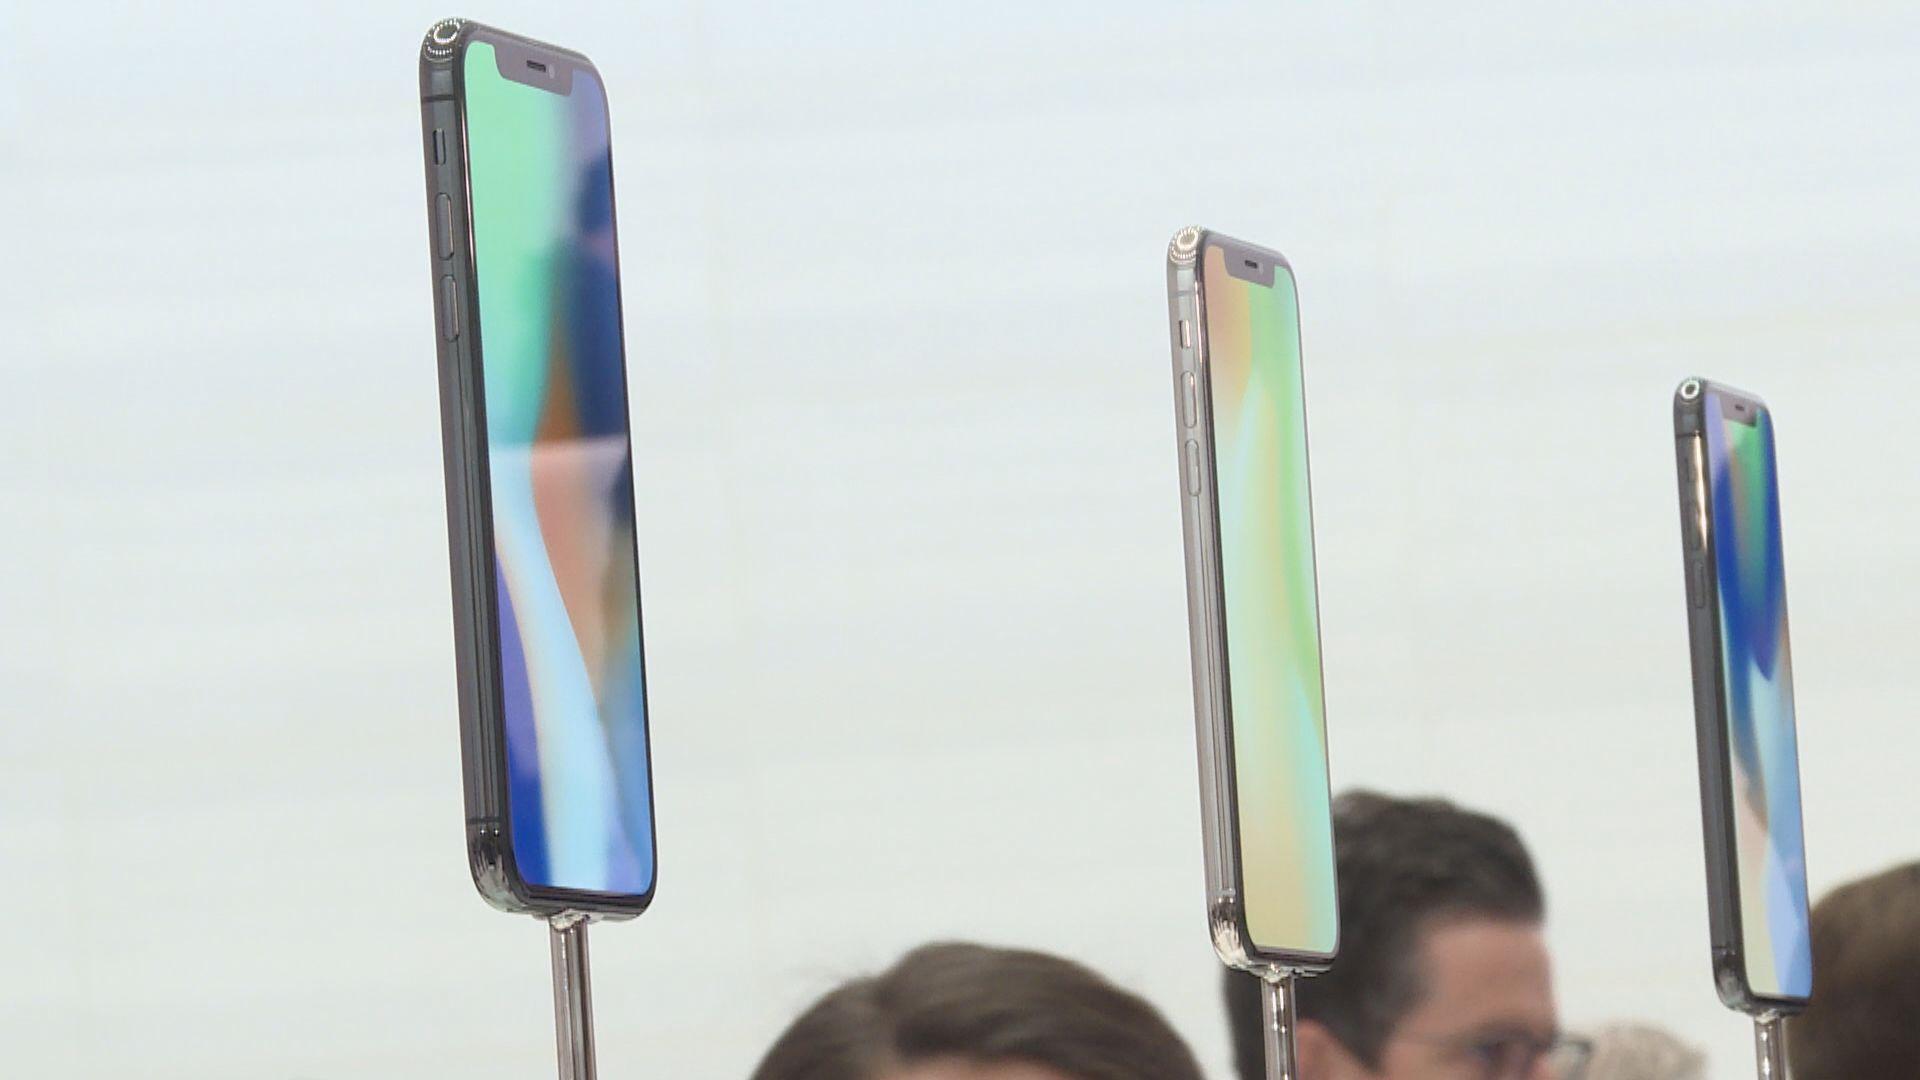 蘋果:疫情令全球iPhone供應將暫時受到限制